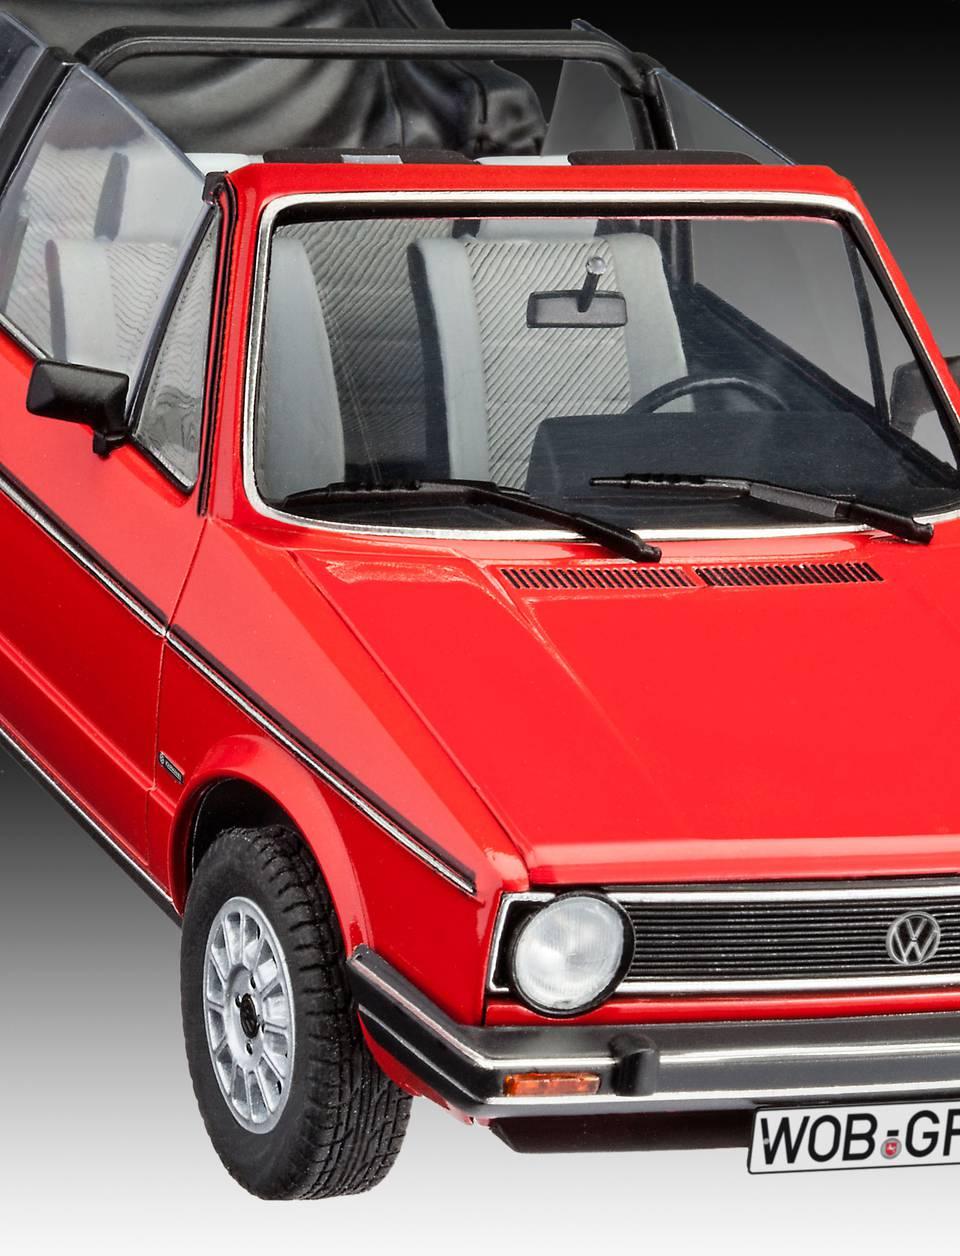 vw golf 1 cabriolet revell modelisme. Black Bedroom Furniture Sets. Home Design Ideas